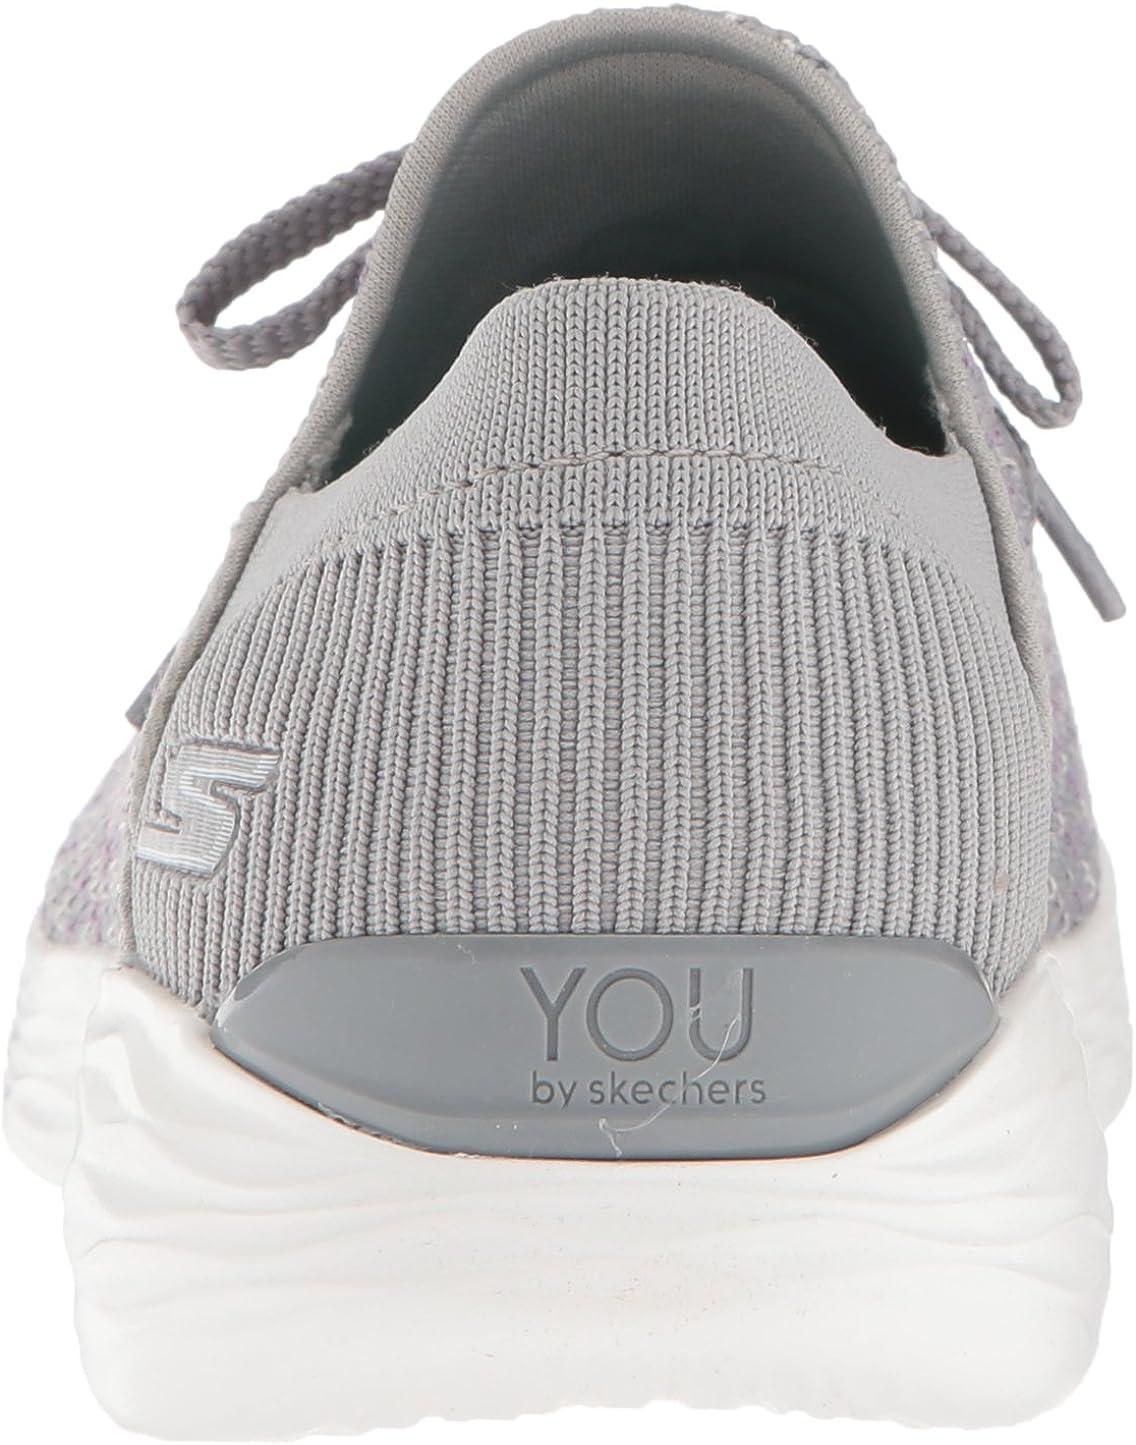 Skechers Women's You-15807 Sneaker Grey